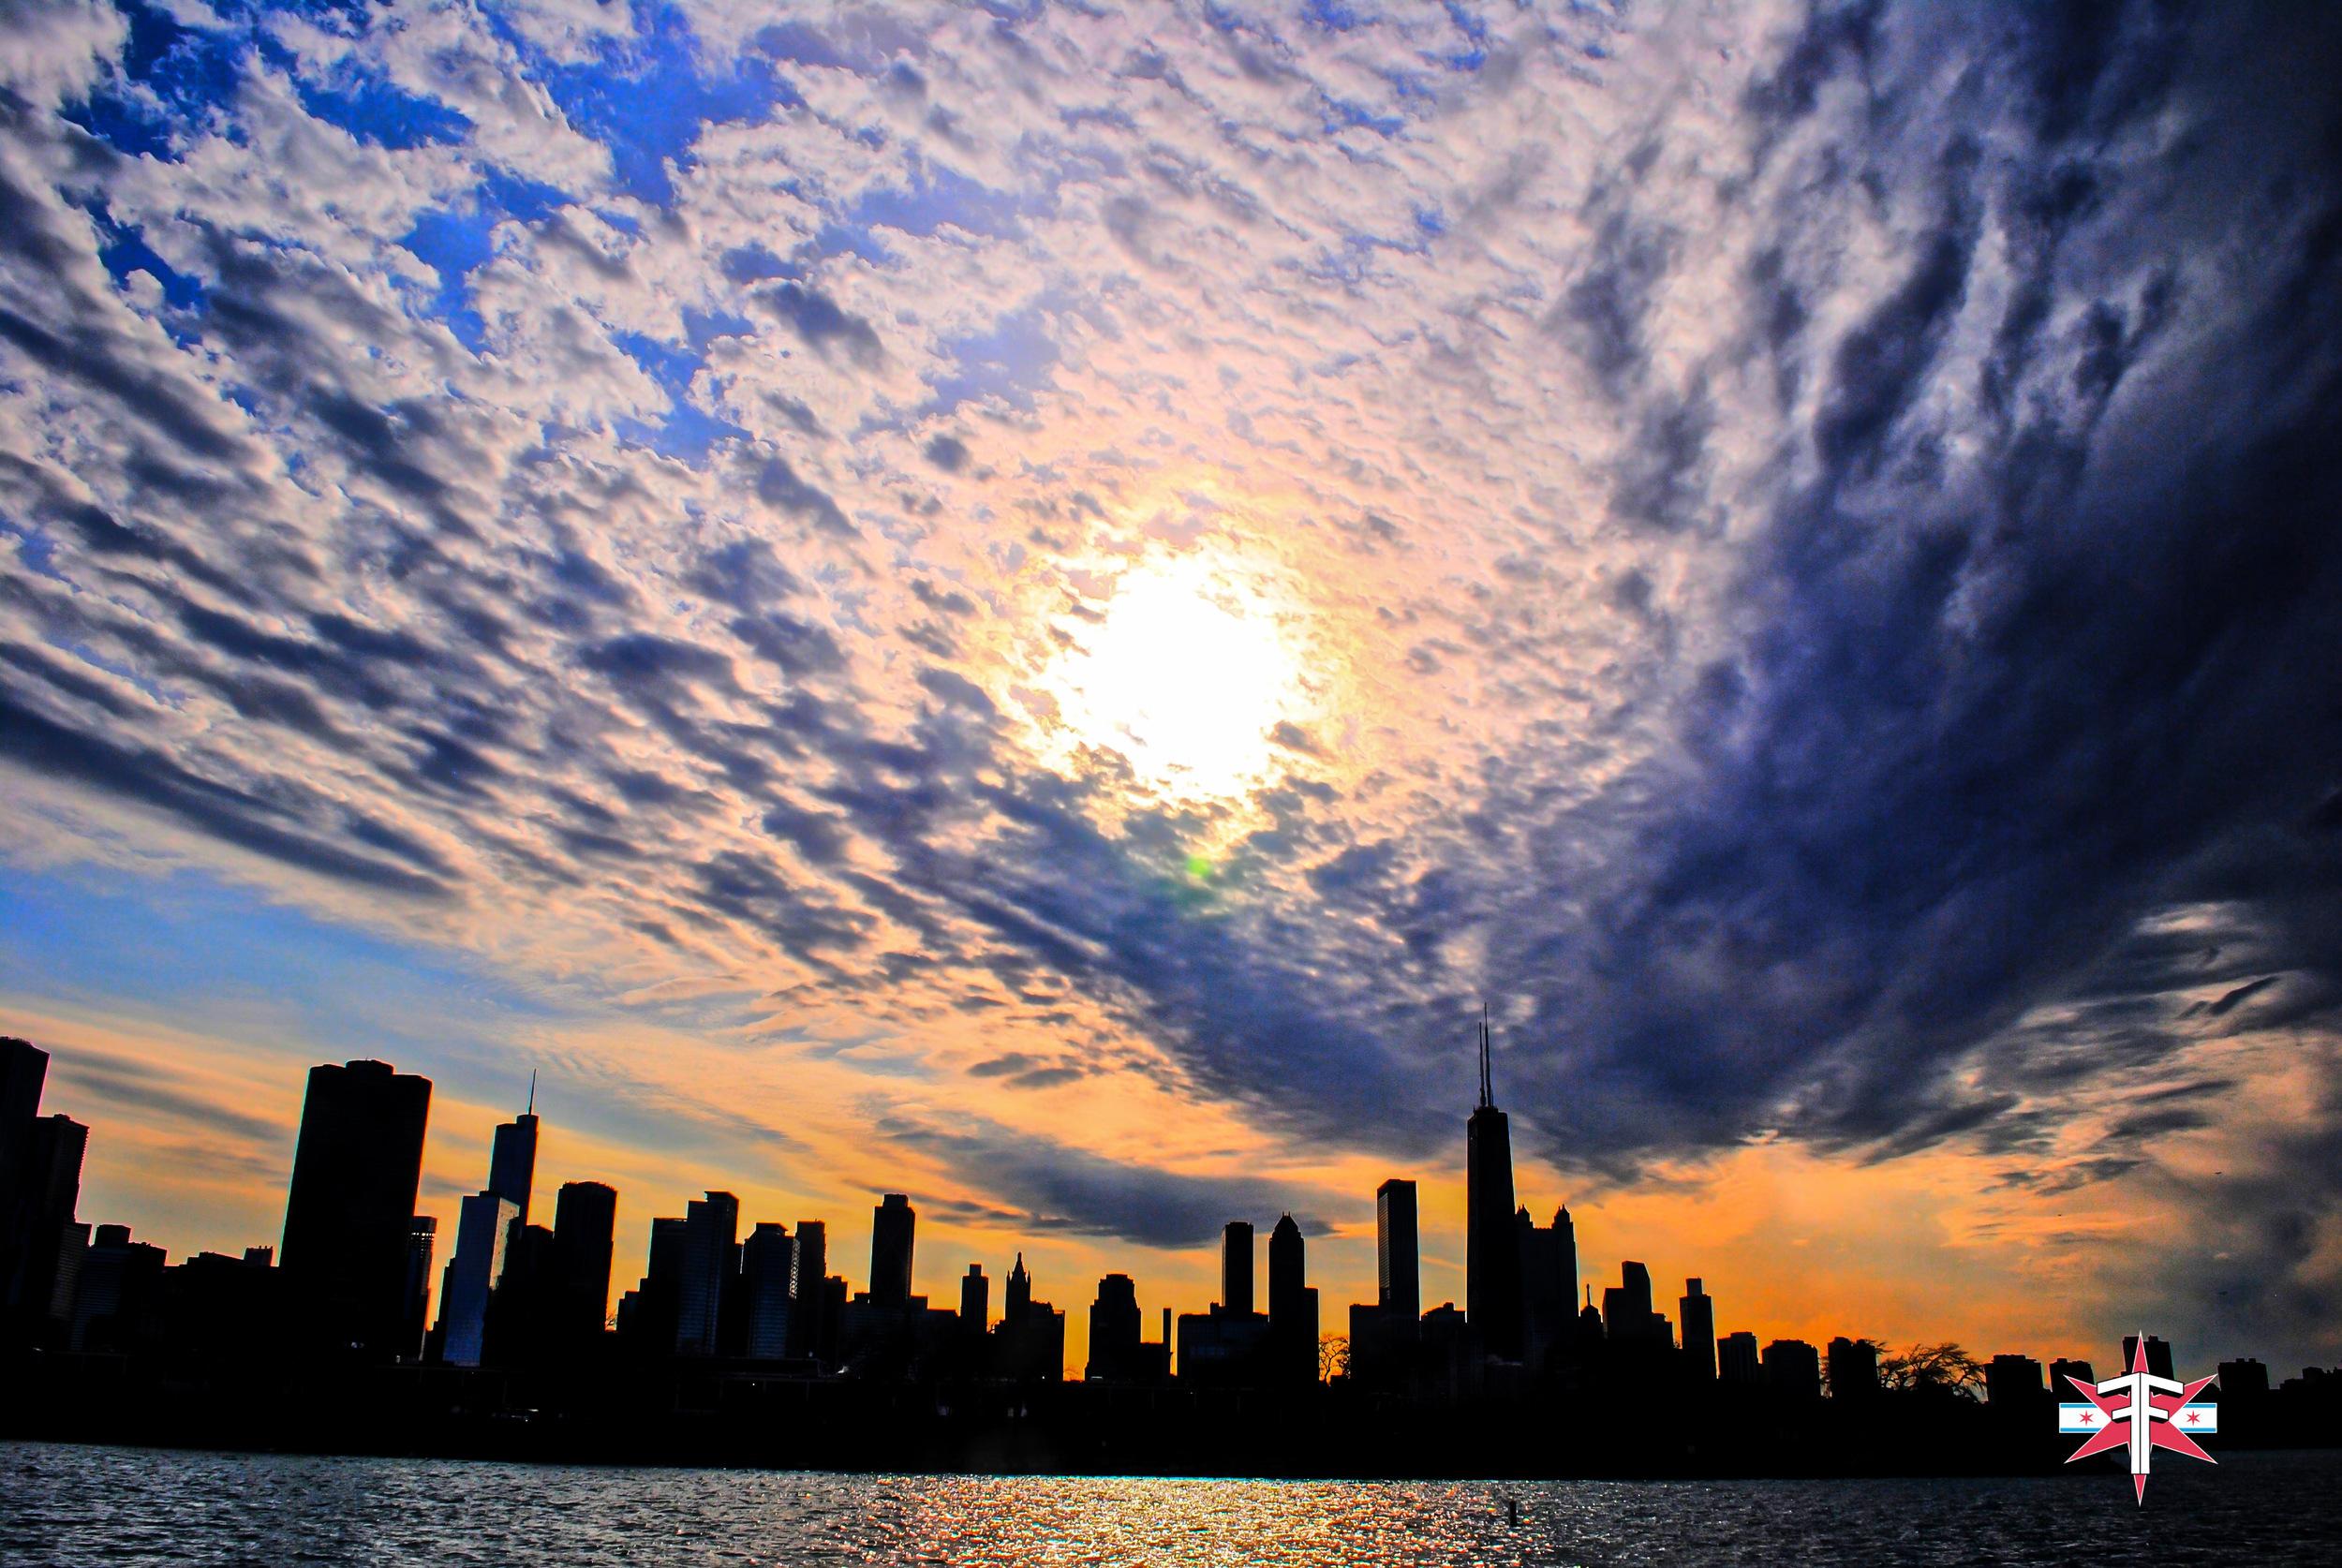 chicago art architecture eric formato photography design arquitectura architettura buildings skyscraper skyscrapers-255.jpg